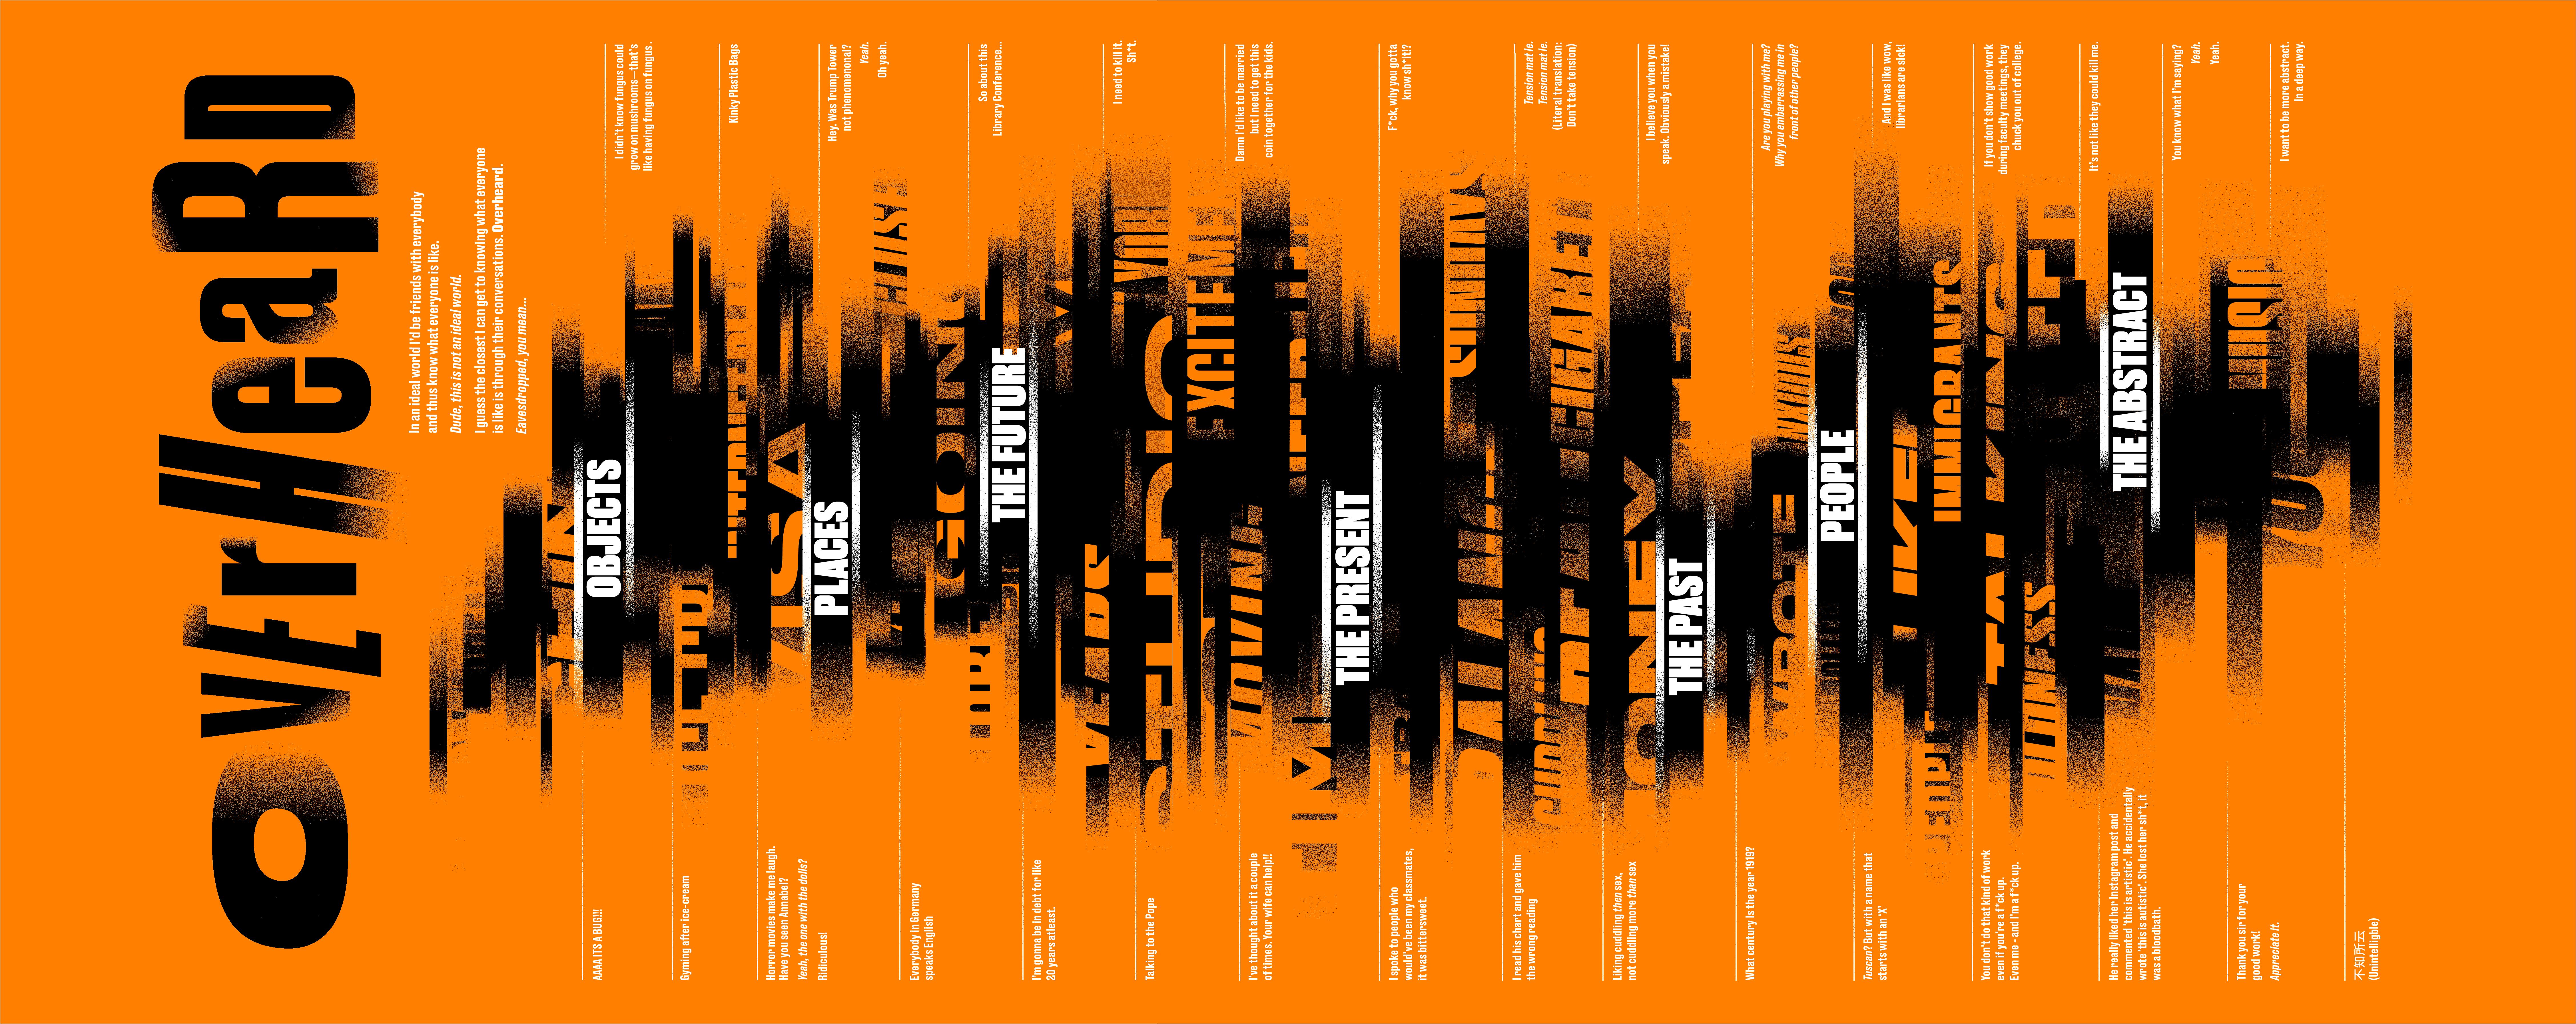 InstaSetup1-01-copy